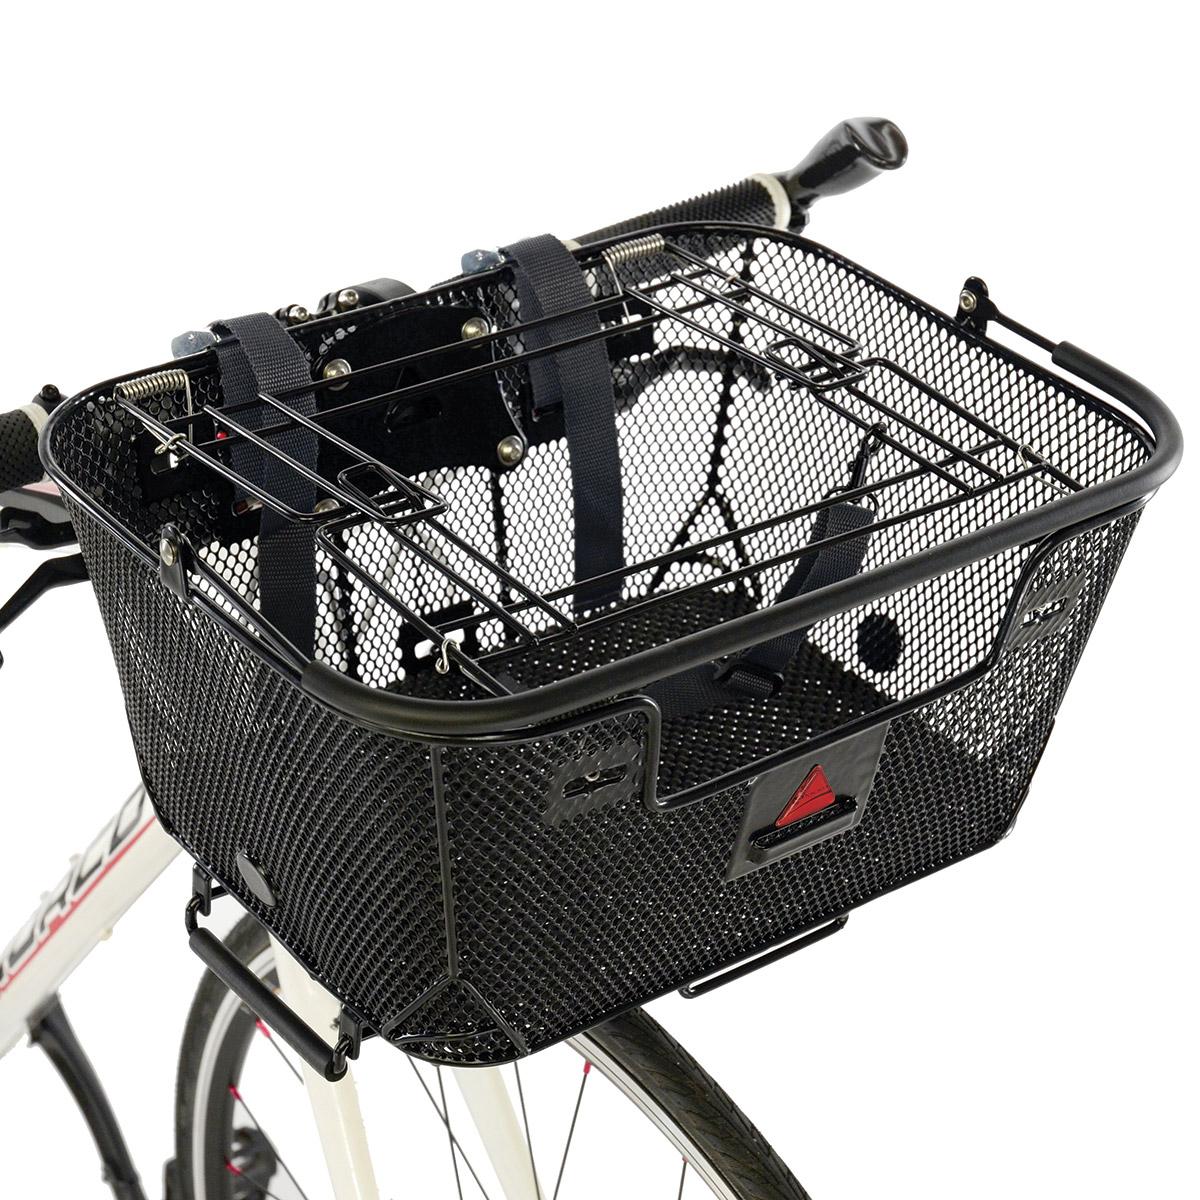 Qr Dual Function Premium Pet Basket Pet Baskets